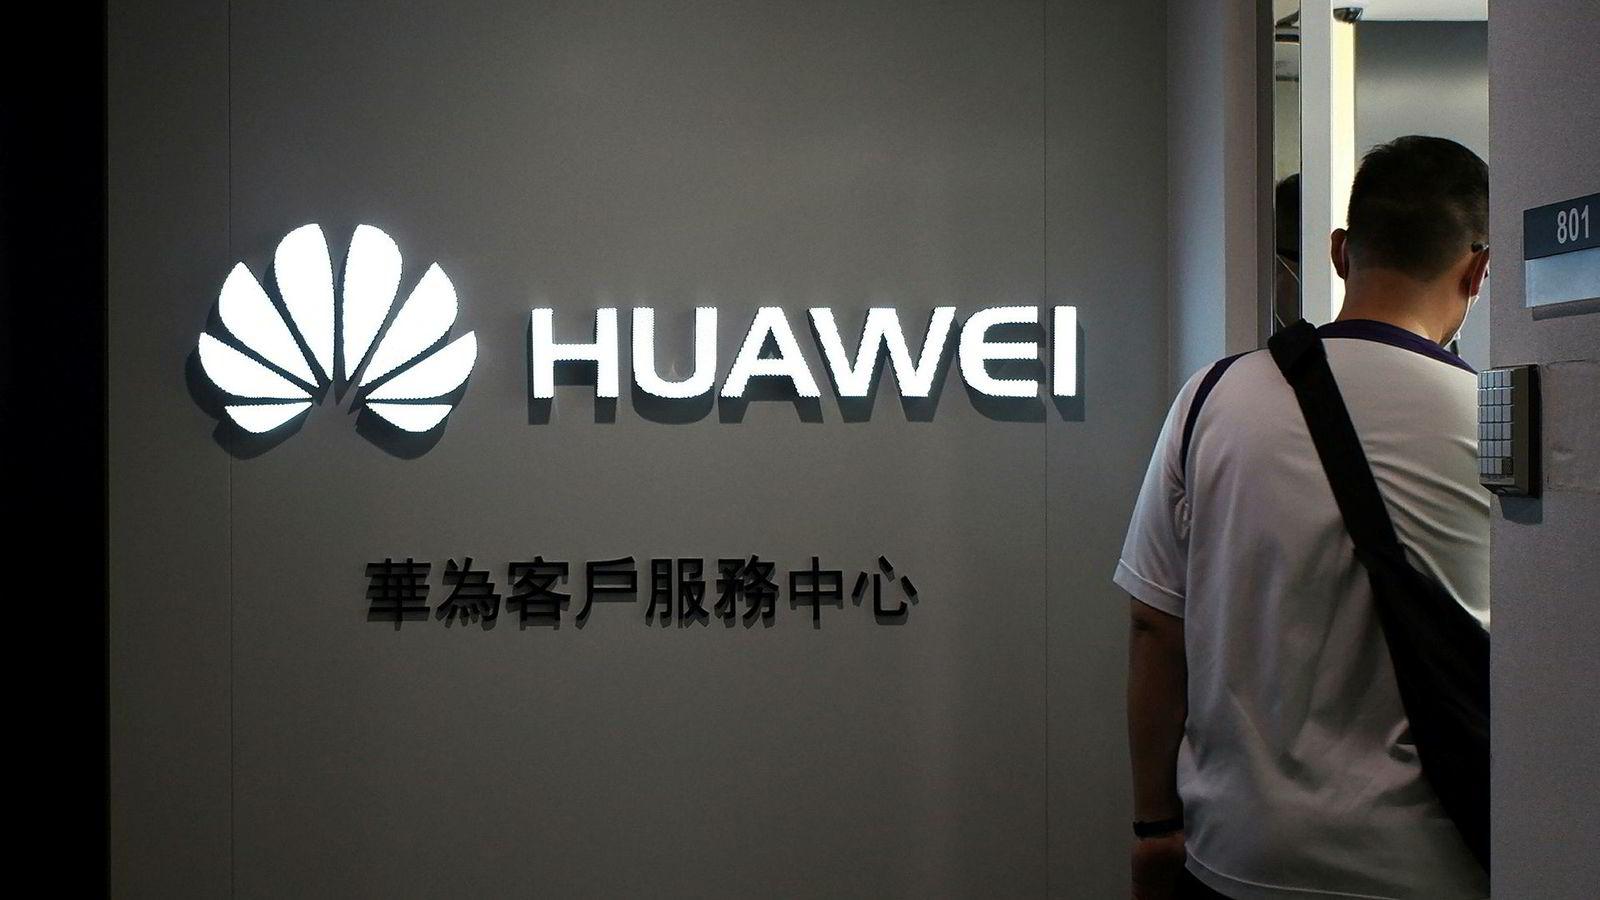 Huawei melder om kraftig økt omsetning i første kvartal, til tross for juridiske og politiske utfordringer i flere land.